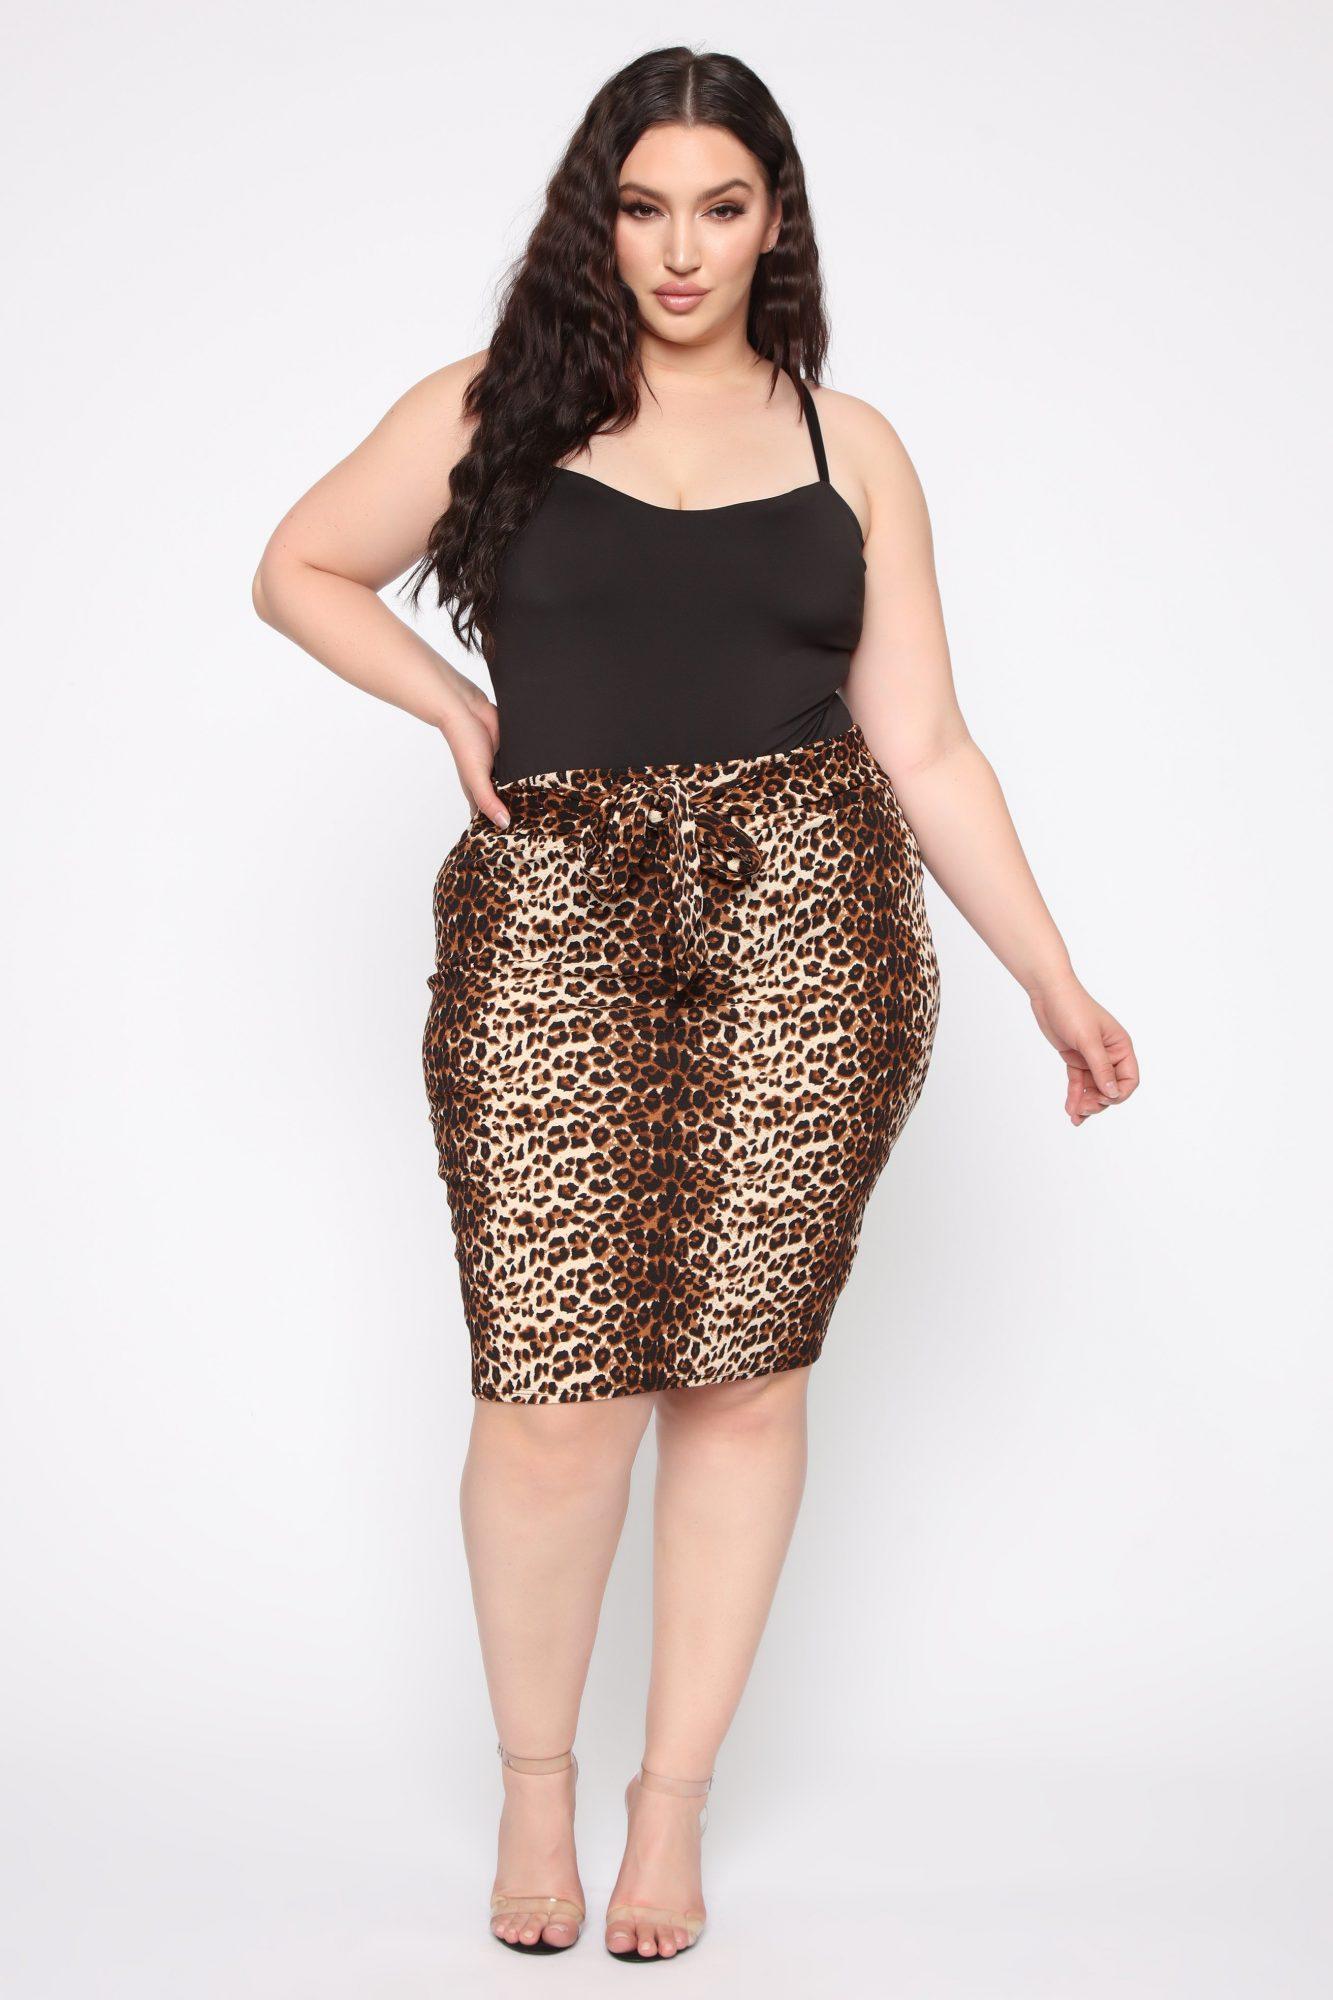 Leopard print skirts - FashionNova